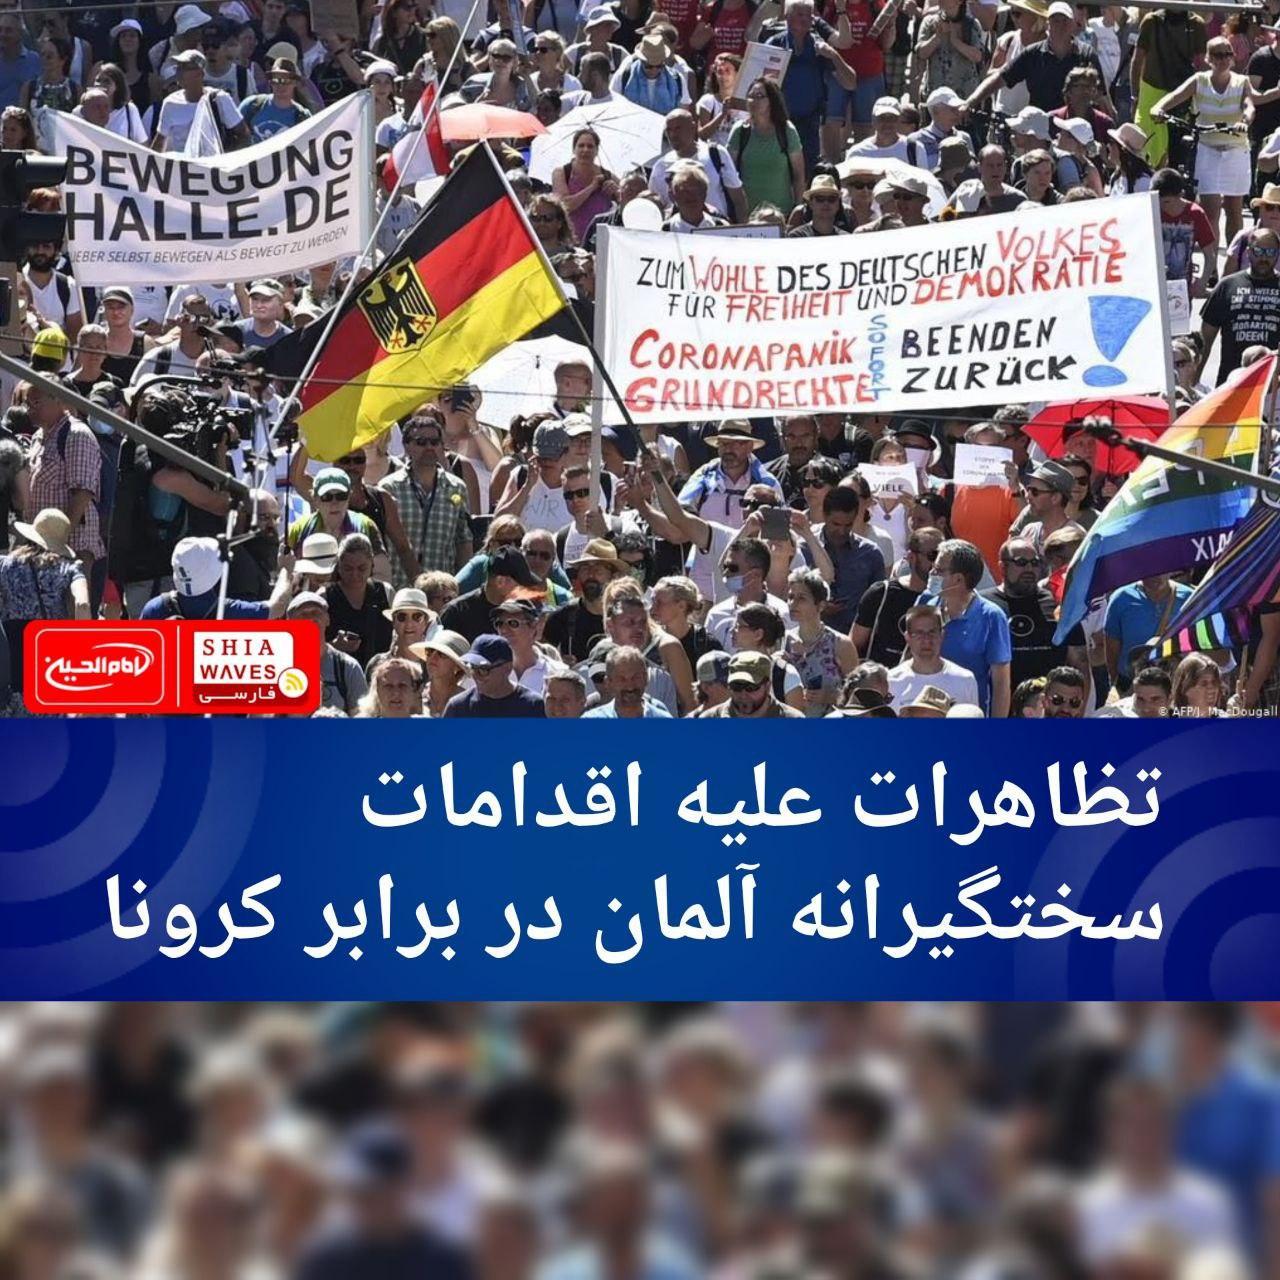 تصویر تظاهرات علیه اقدامات سختگیرانه آلمان در برابر کرونا